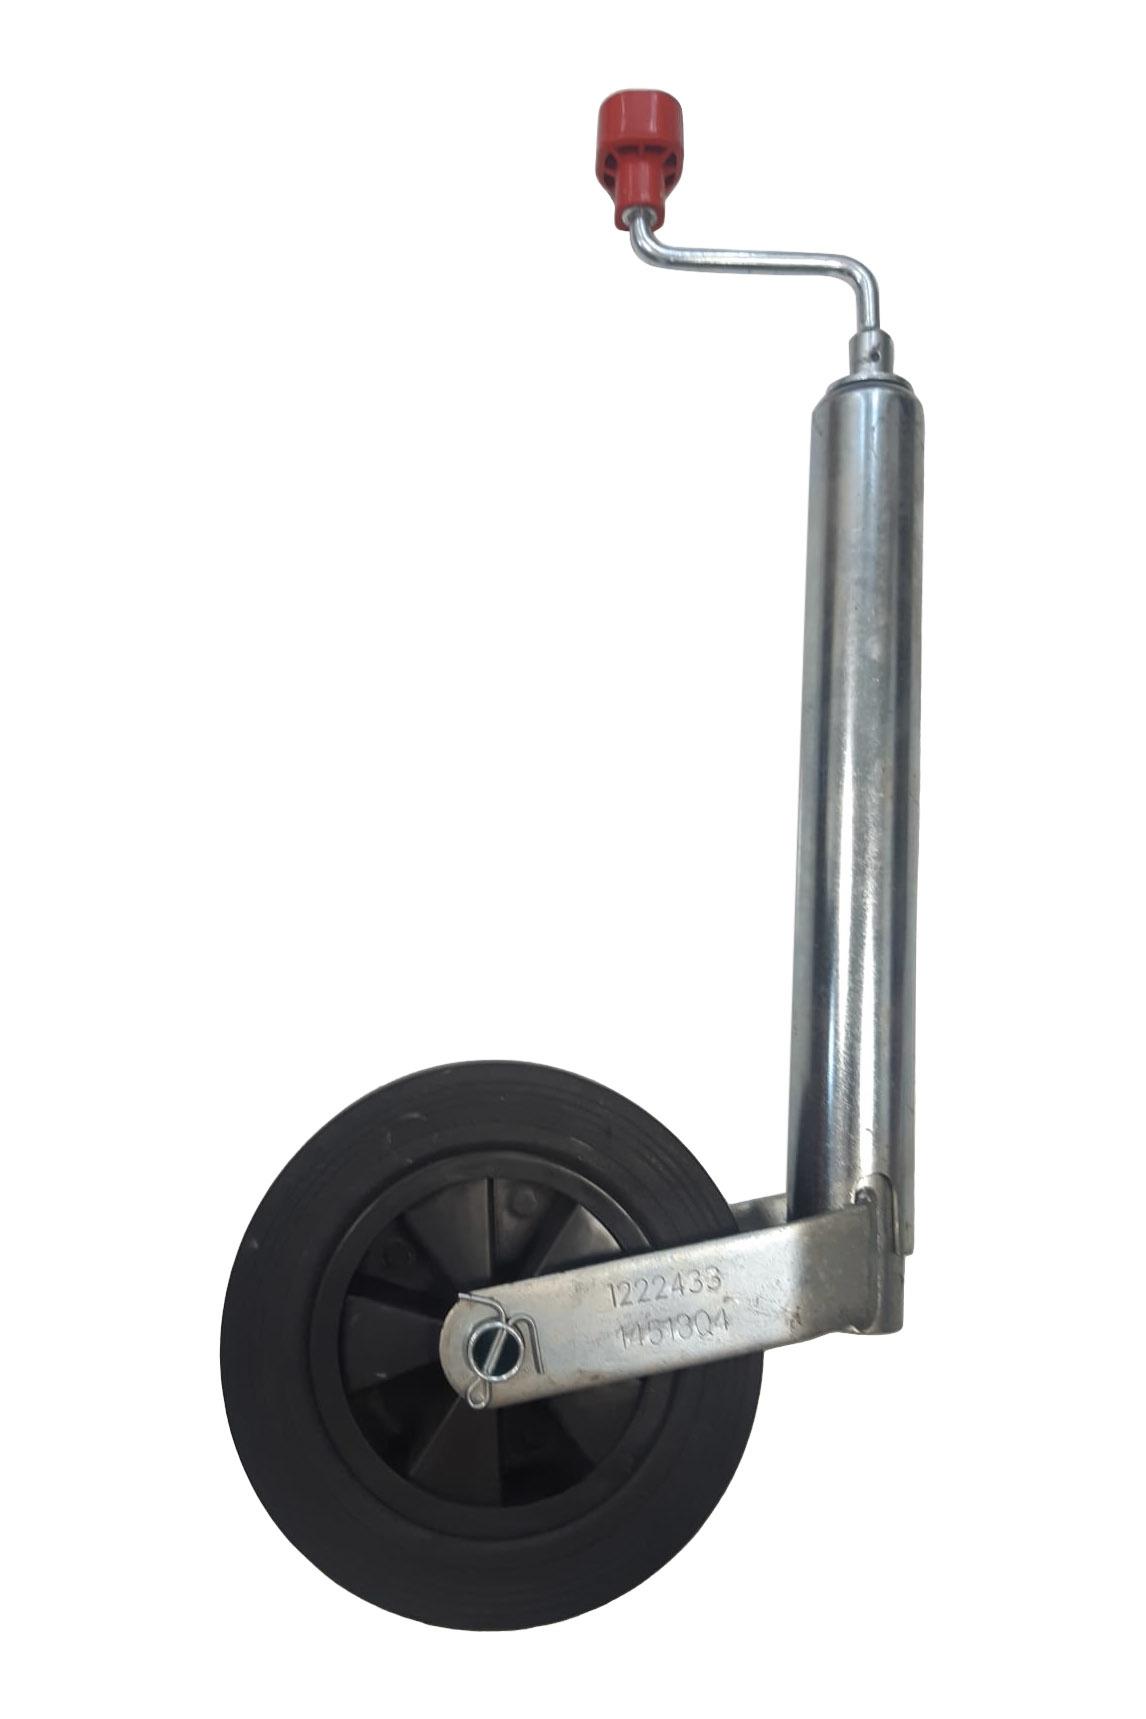 AL-KO Neuswiel Compact Alko, rond diameter 48 mm, kunststof velg met massief rubber wiel